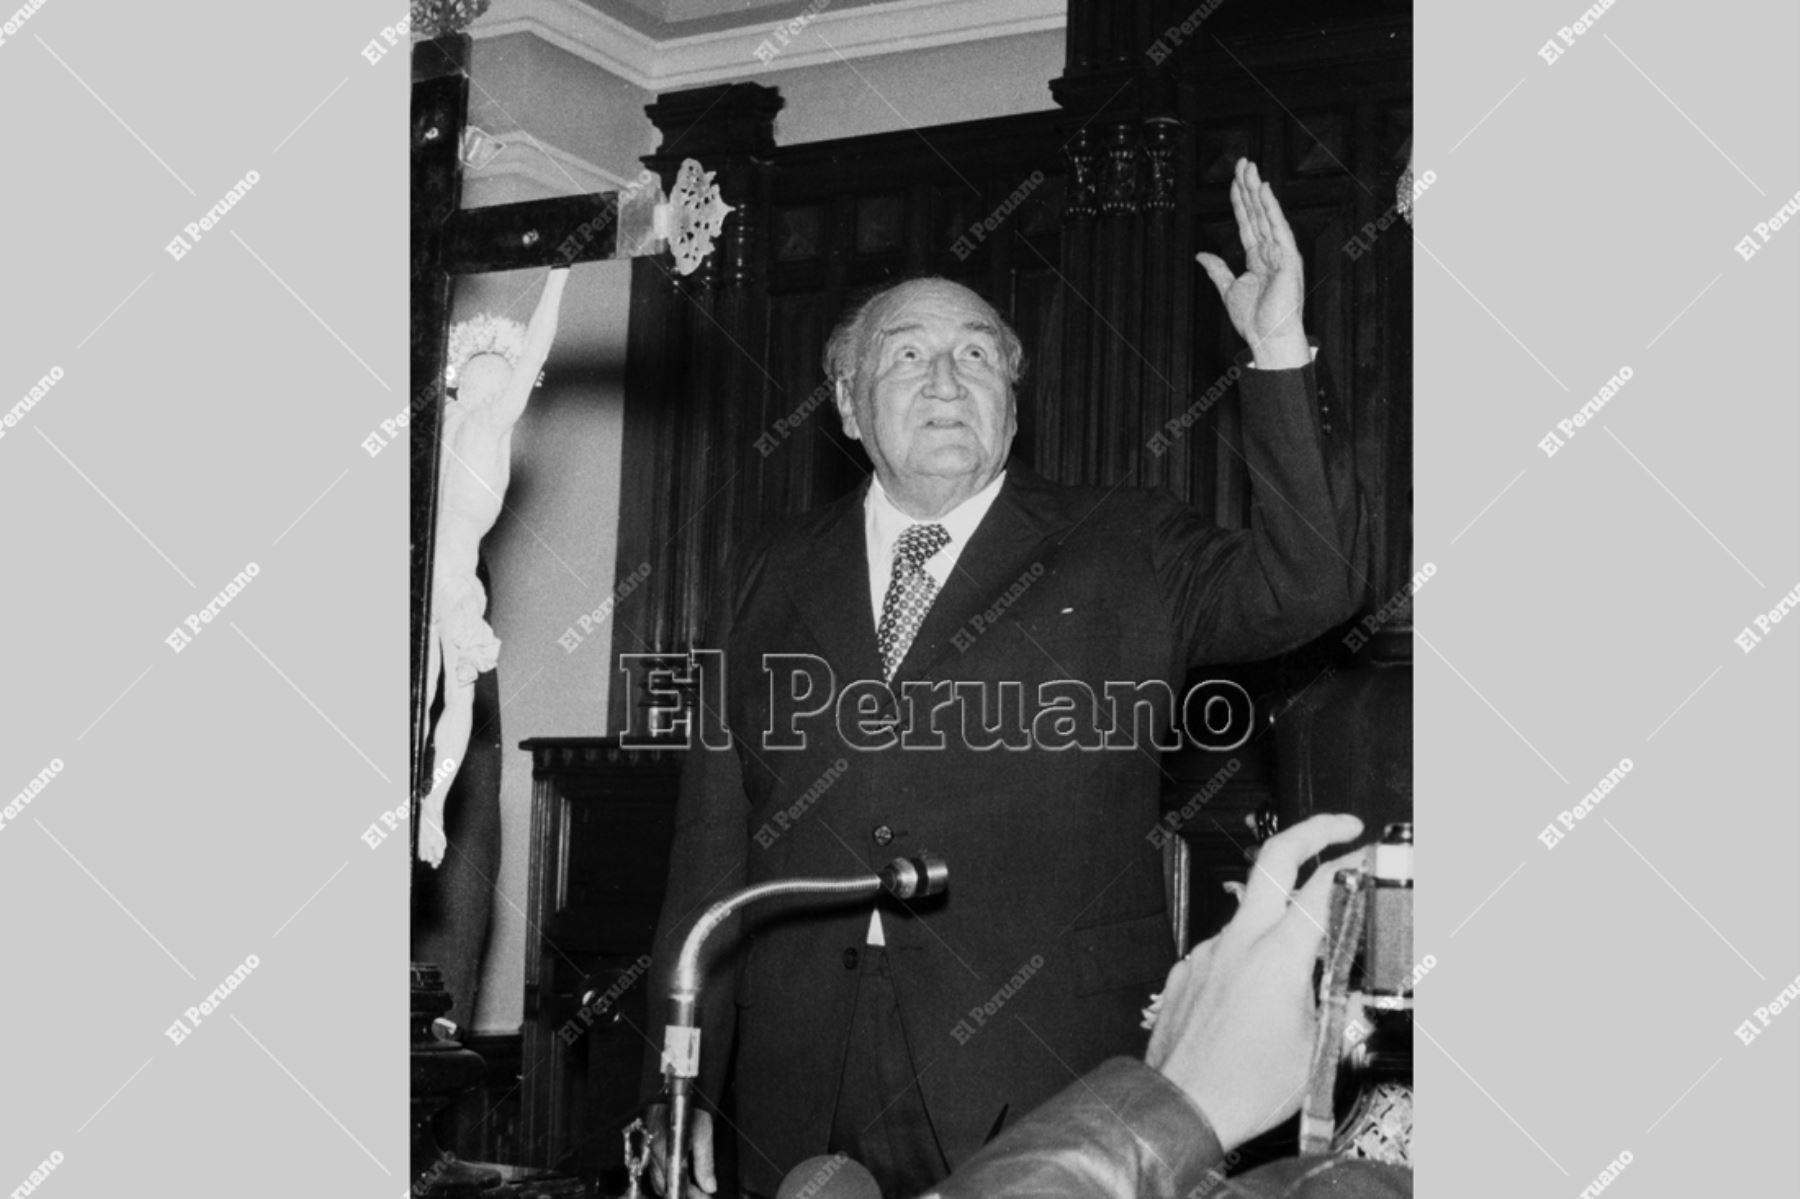 LIMA - 18 julio 1978 / El lider del APRA, Víctor Raúl Haya de la Torre, presidiendo la instalación de la Junta Preparatoria de la Asamblea Constituyente en el hemiciclo de la Cámara de Diputados del Congreso. Foto: Archivo Histórico de El Peruano.